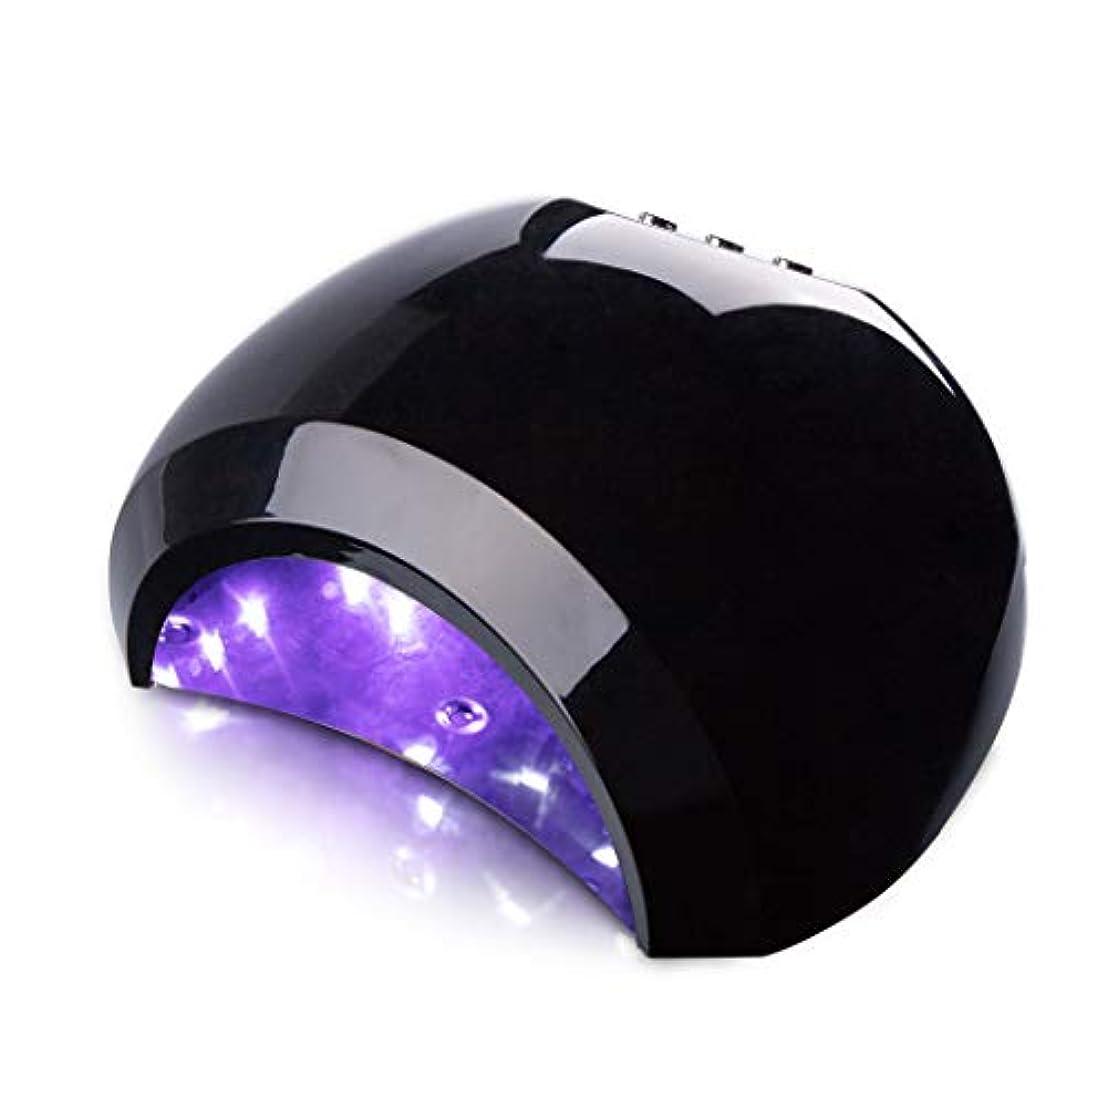 亡命ピストン分布Aokitec 48w UV LEDネイルドライヤー 高速硬化ネイルライト ジェルネイル用 三段タイマー付 オートセンサーと時間メモリ機能 uvライト レジン用 手足兼用ネイルランプ 日本語説明書付【一年間保証】